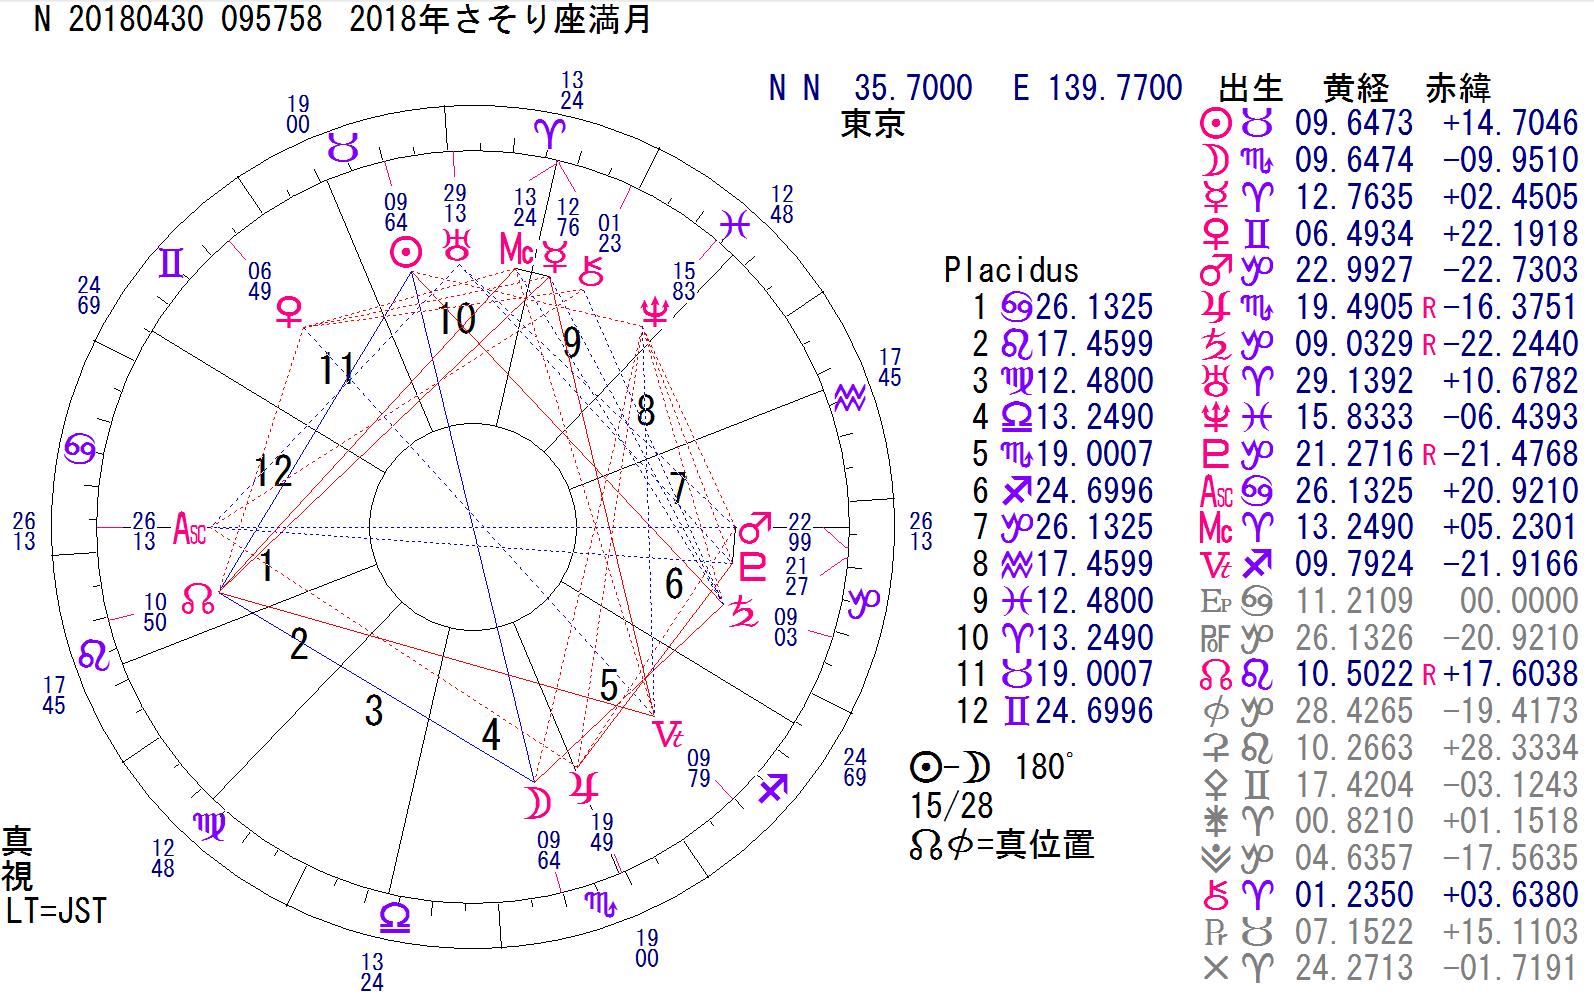 明日はさそり座の満月。2018.04.30(月)【AM09:57】